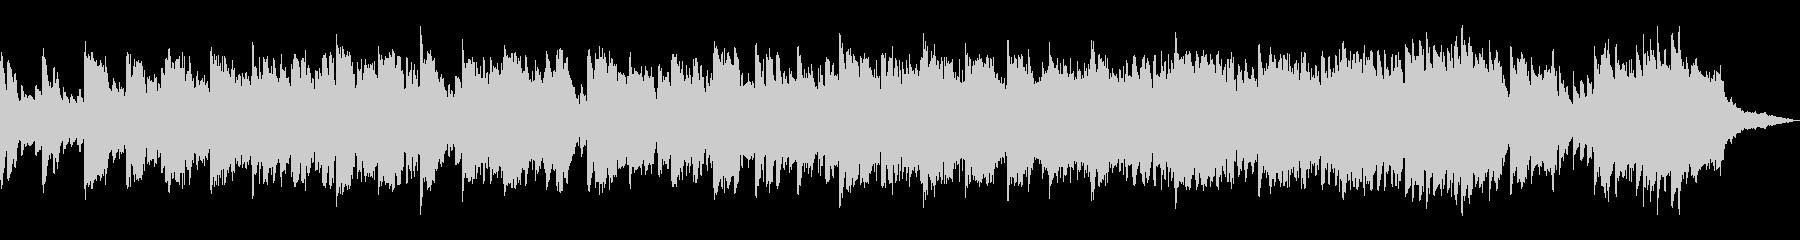 ノスタルジックなピアノ&ストリングスの未再生の波形